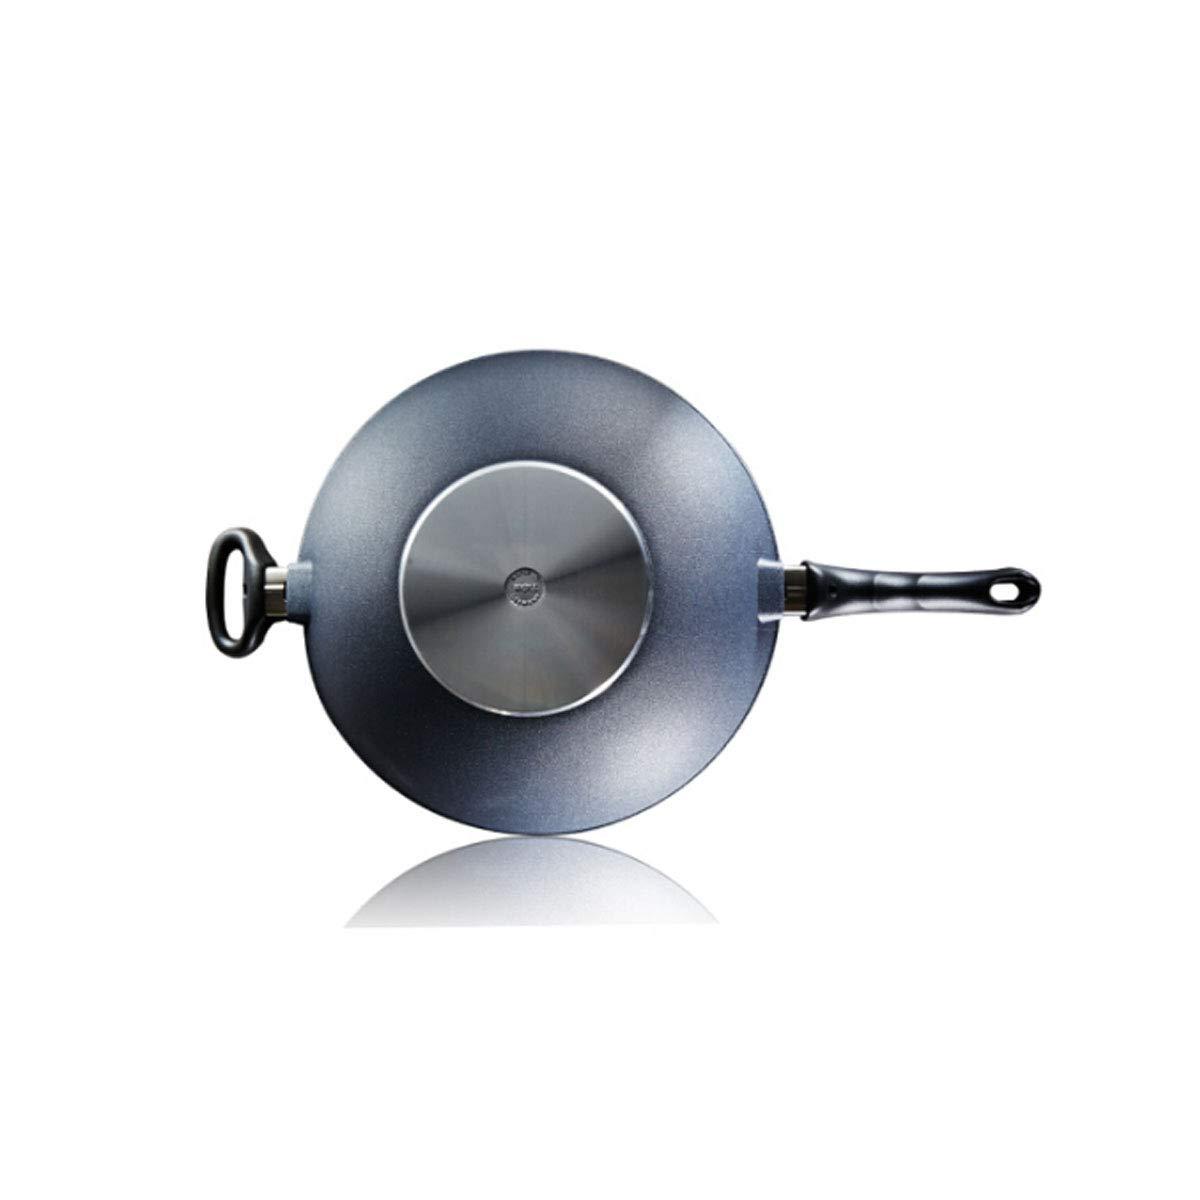 鍋、キッチンの標準12.8インチ鍋、平底鍋、セラミックオーブン、電磁調理器、ガスレンジが使用可能、スカイブルー (Color : Blue)  Blue B07QT81SCC